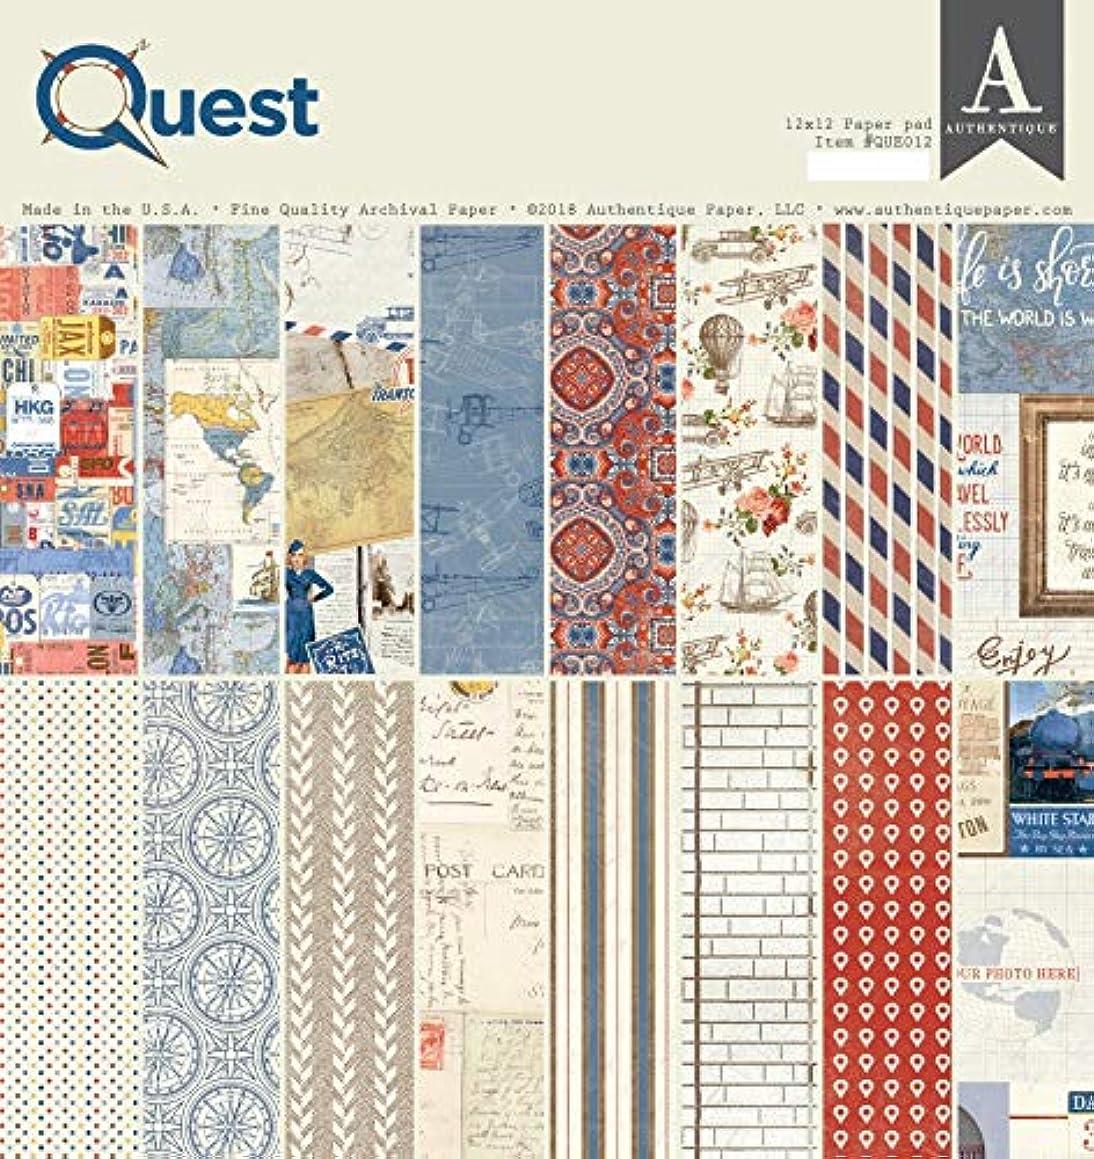 Authentique Paper QUE012 Authentique Double-Sided Cardstock Pad 12